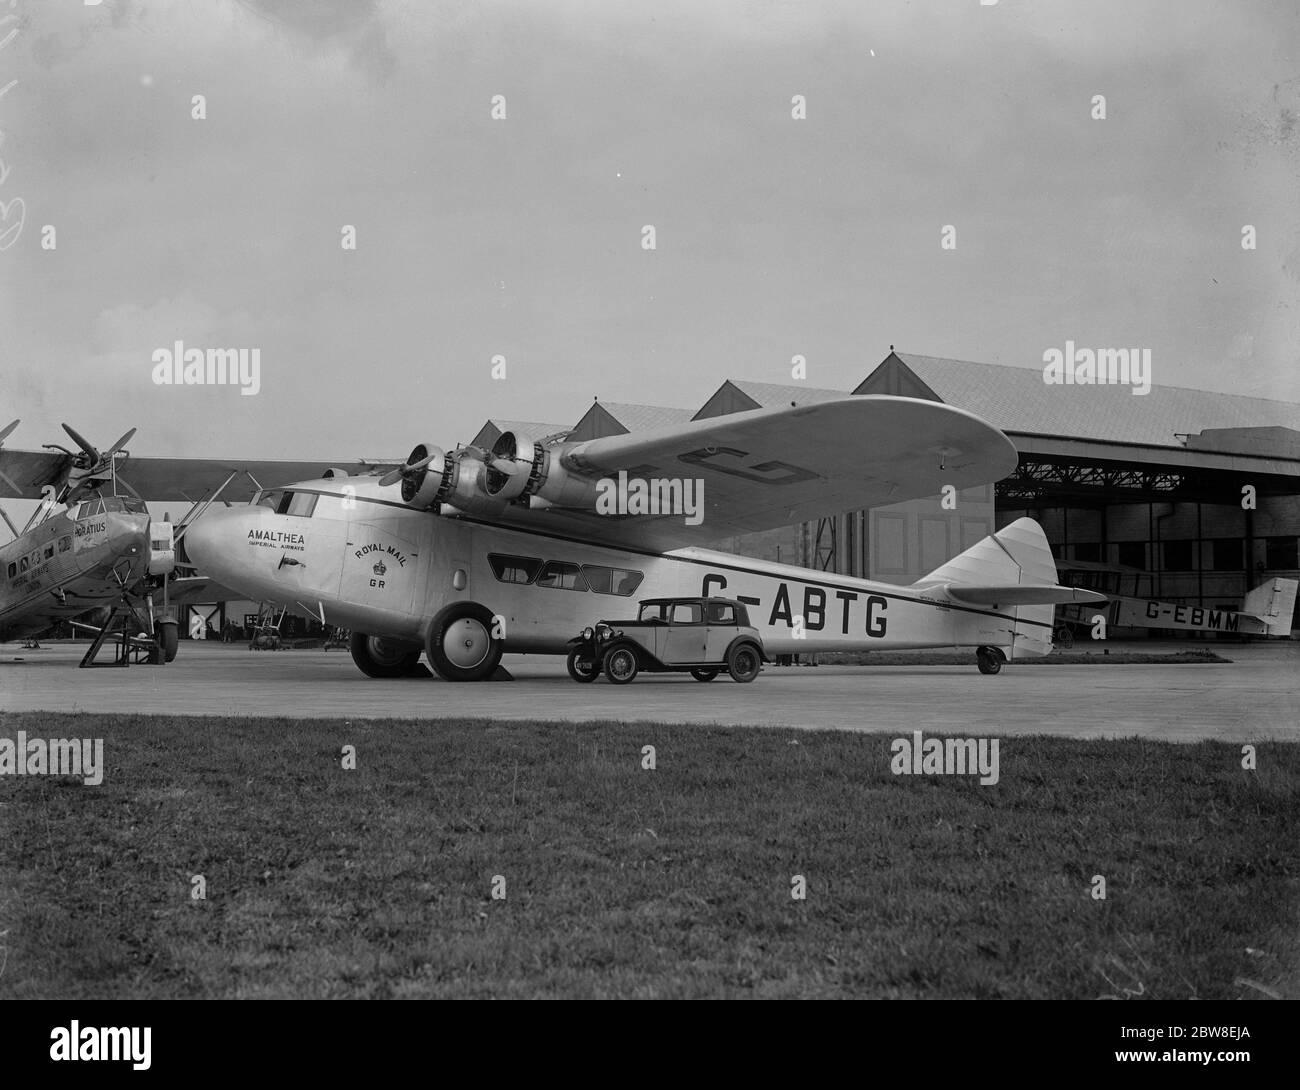 Nouveaux avions de luxe pour Cape route . Trois d'une flotte de huit nouveaux monoavions qui ont été construits pour Imperial Airways pour le service sur la route Croydon - Capetown , ont été livrés au port aérien de Londres . L'Amalthea à Croydon . 8 octobre 1932 Banque D'Images